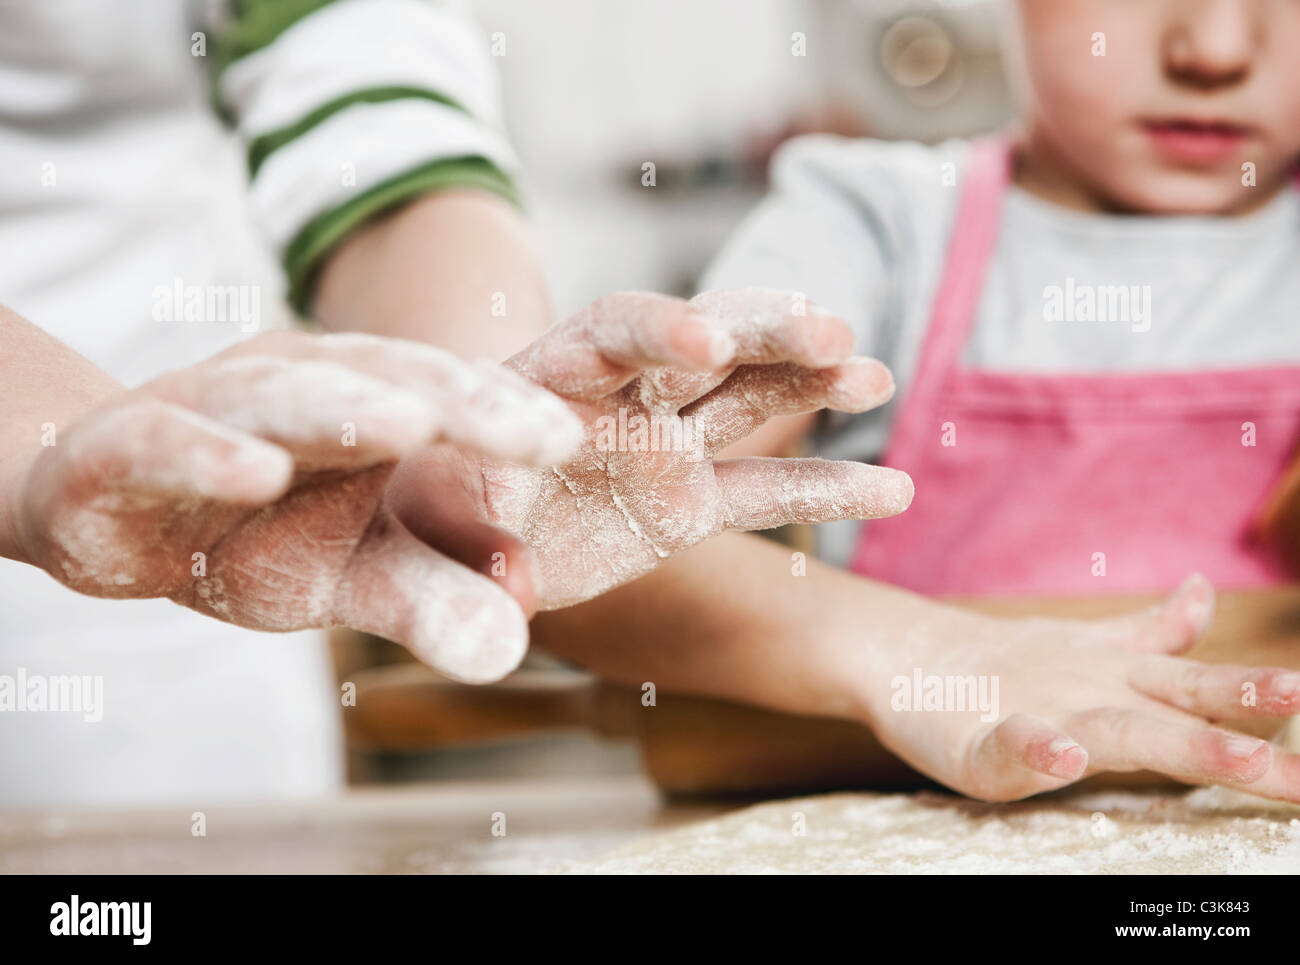 Germania, Colonia, un ragazzo e una ragazza di pasta di rotolamento sul piano di lavoro della cucina Immagini Stock